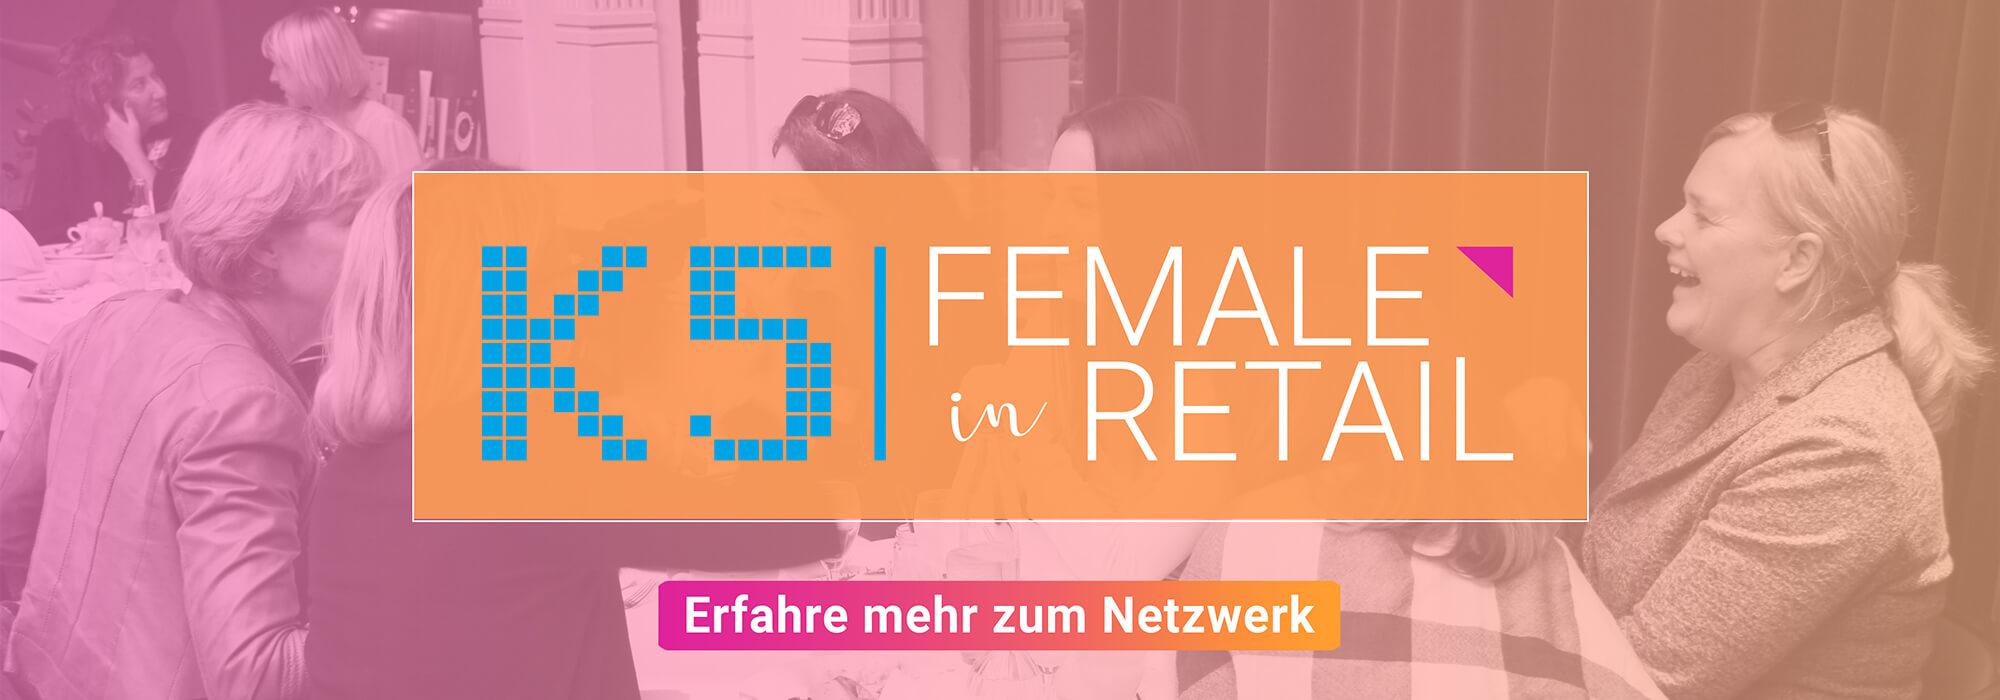 Female in Retail - Erfahre mehr zum Frauen Netzwerk